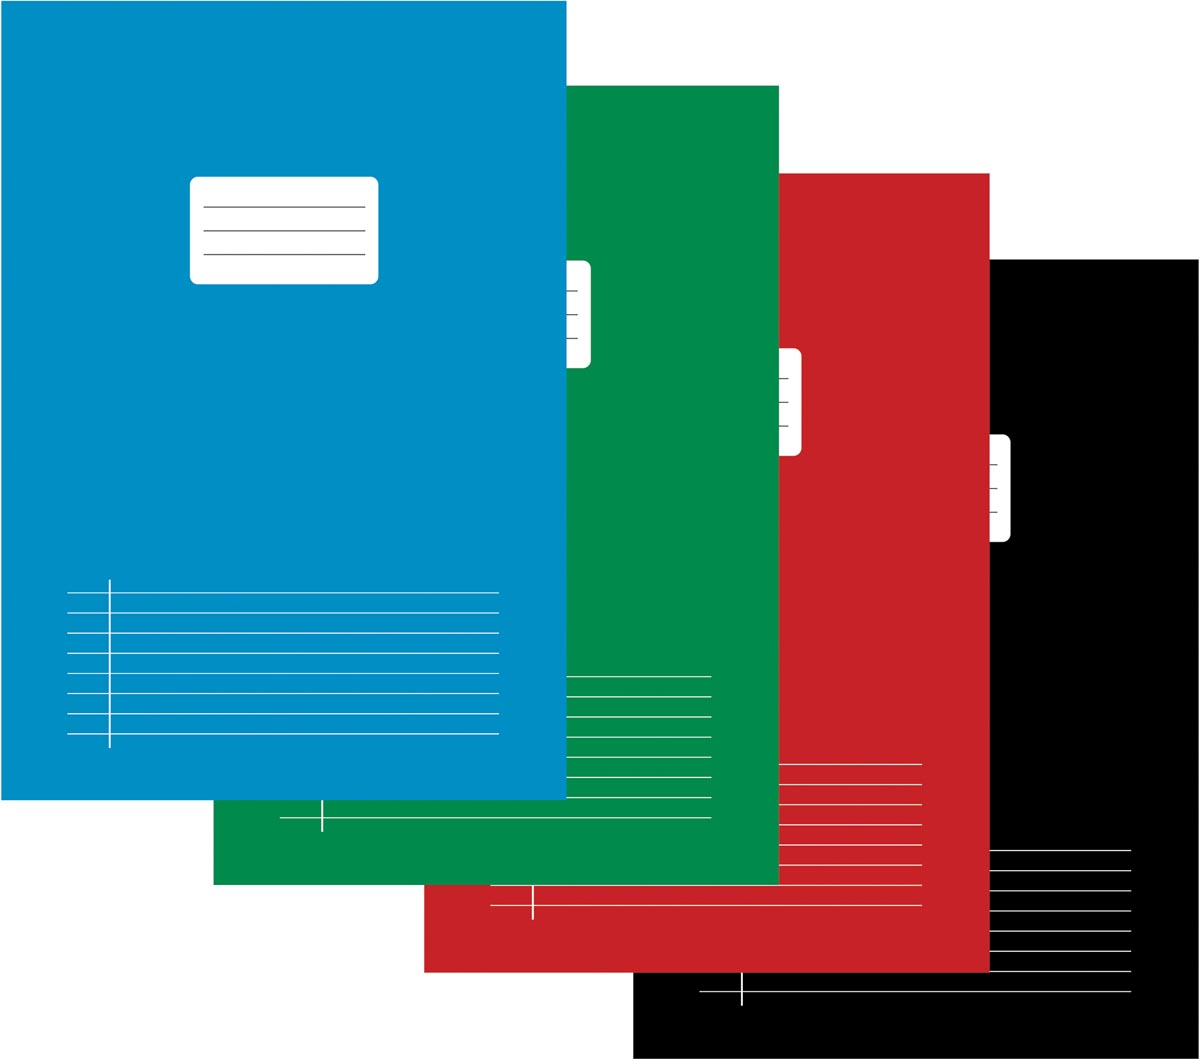 Schrift voor ft A4, gelijnd, 80 bladzijden, met voorlijn, geassorteerde kleuren, pak van 5 stuks